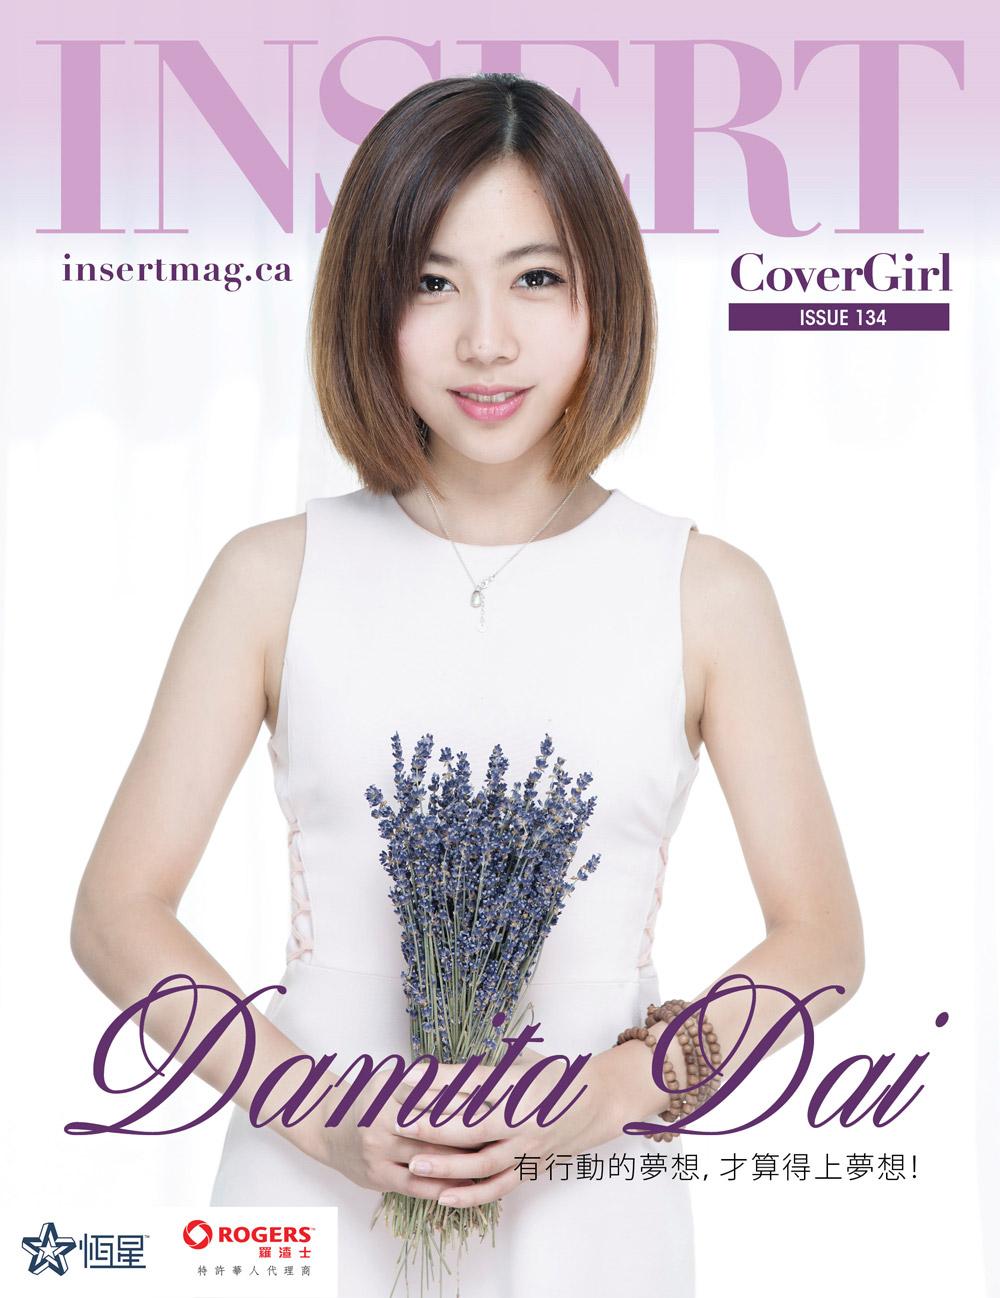 COVER GIRL Damita Dai:「有行動的夢想,才算得上夢想!」